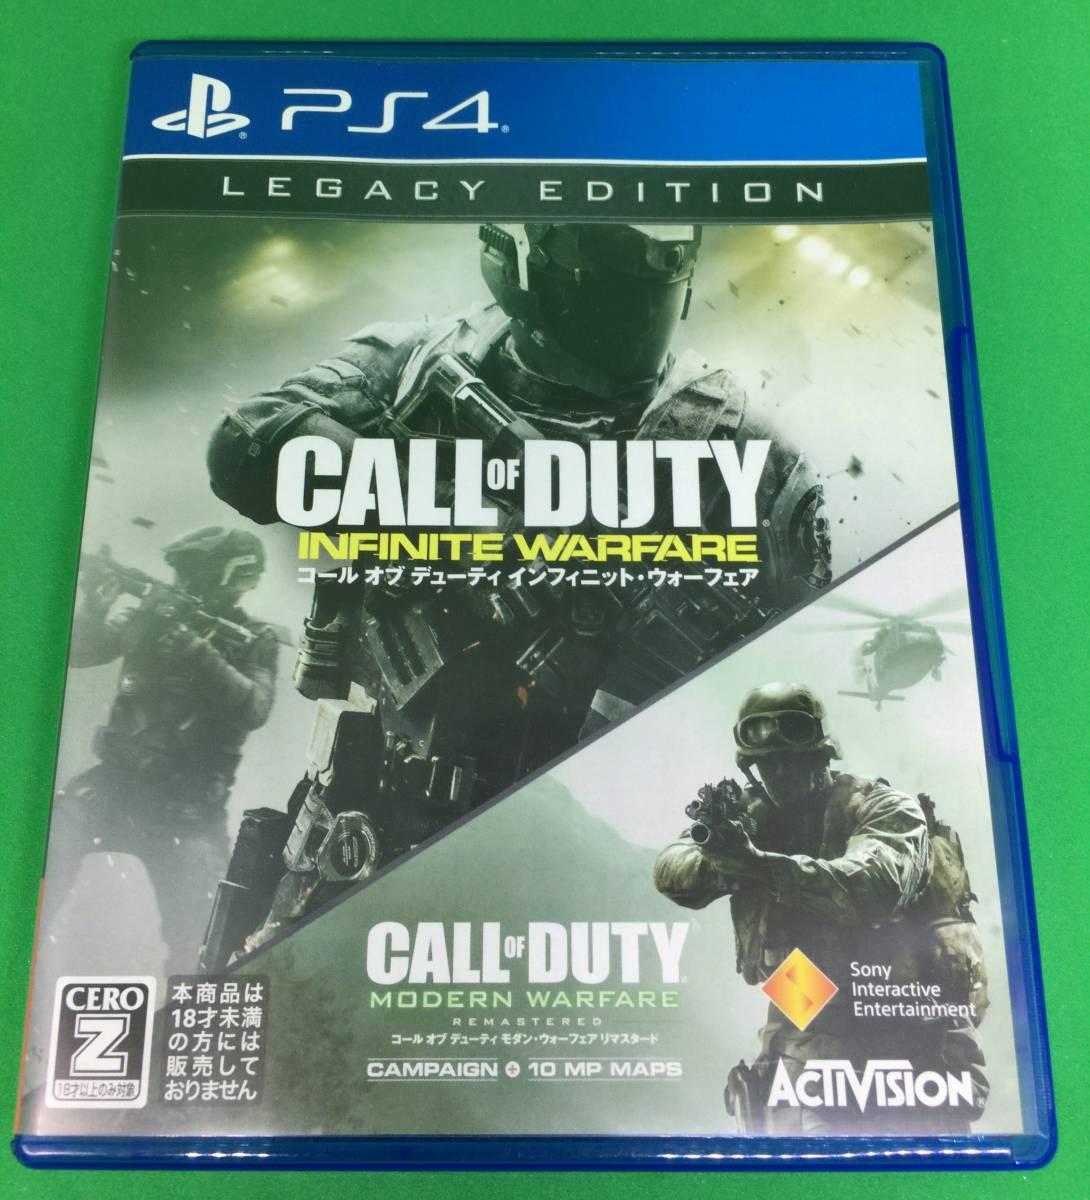 PS4 コール オブ デューティ インフィニット・ウォーフェア レガシーエディション Call of Duty: Infinite Warfare